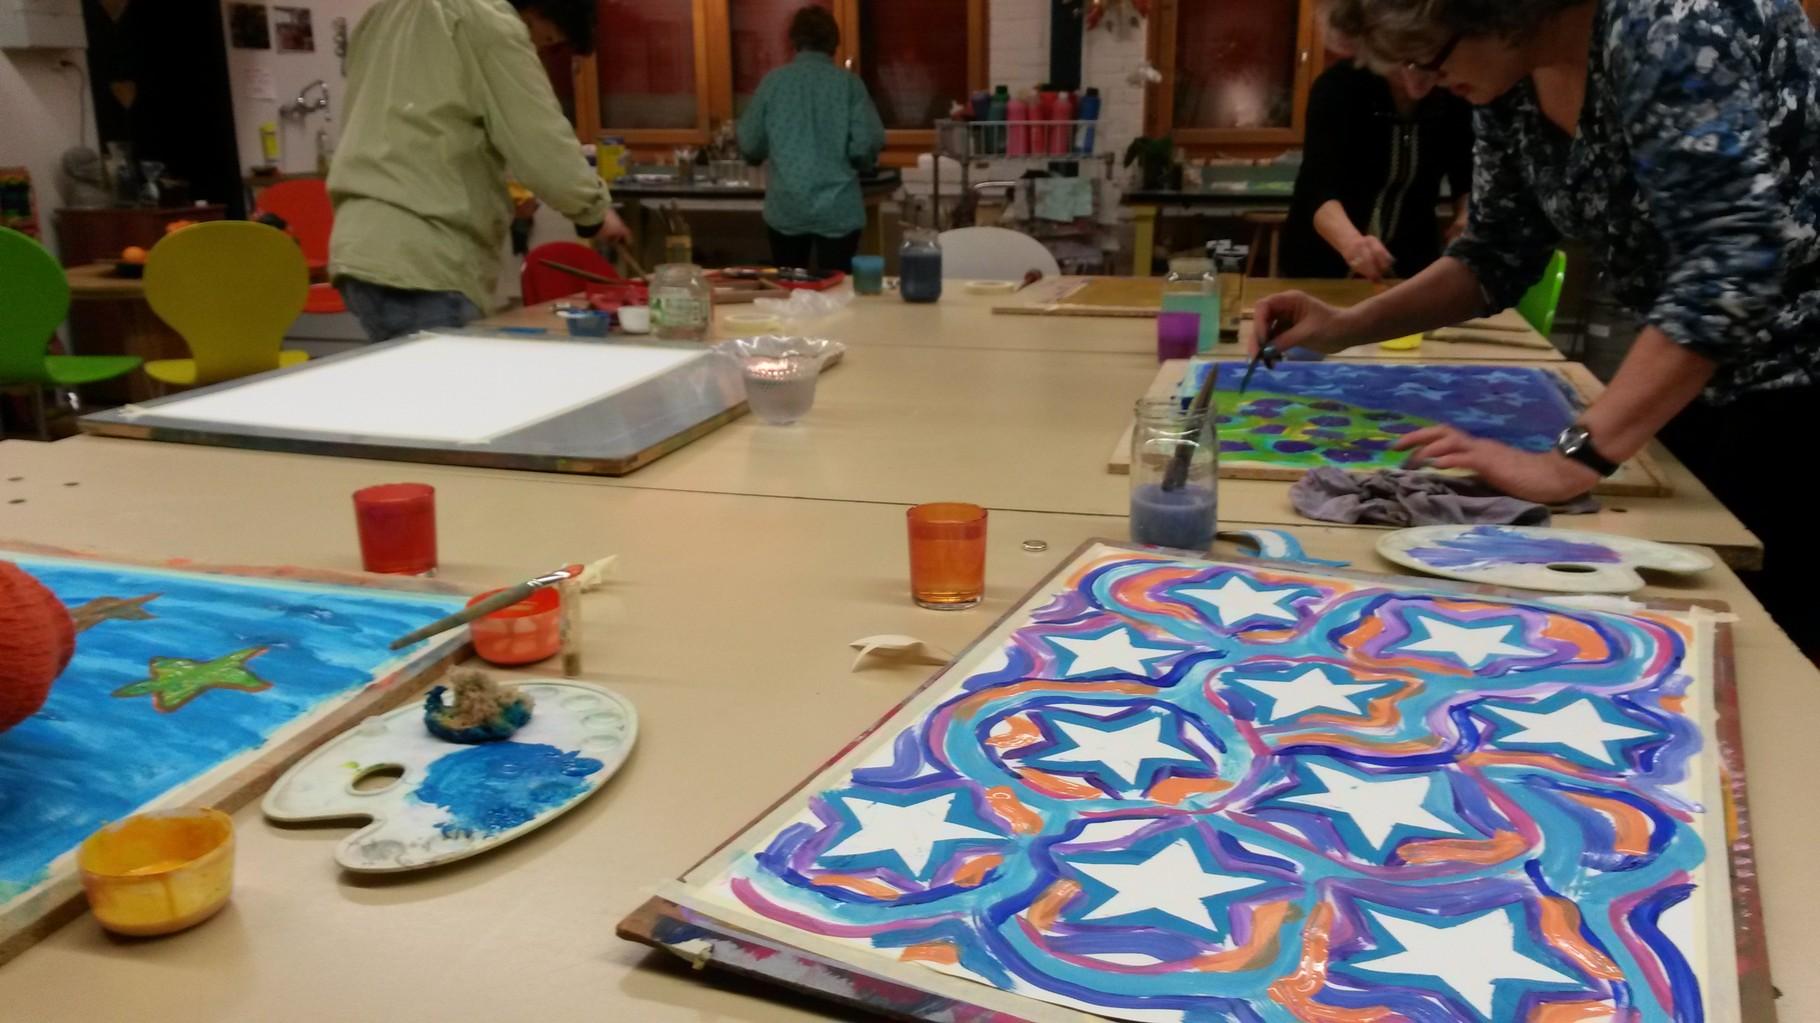 Schöpferisches Malen und Gestalten